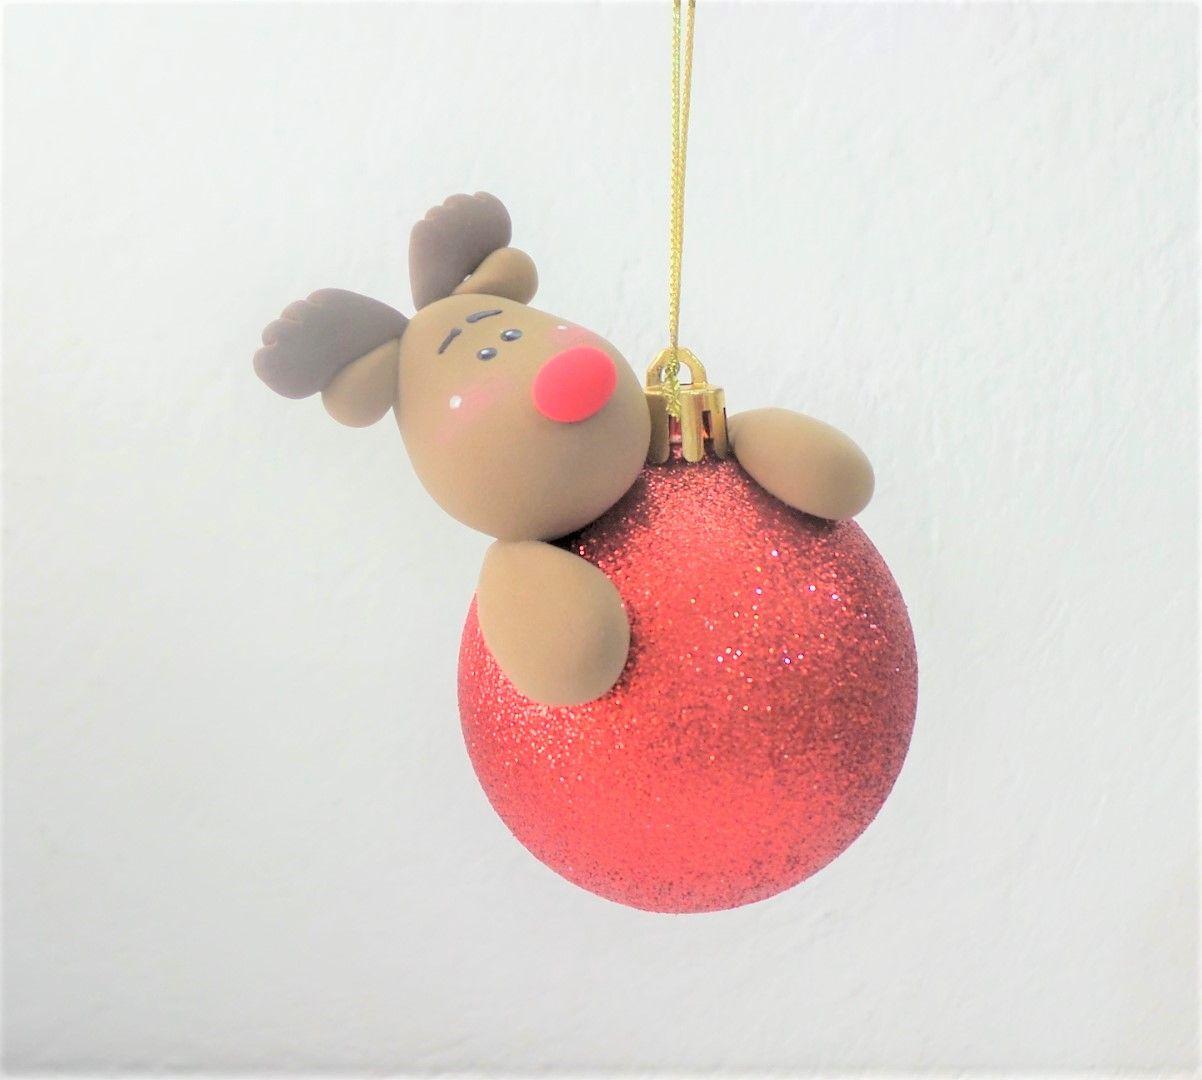 Esfera Reno Navidad De Arcilla Polimérica Manualidades Bricolaje De Adornos De Navidad